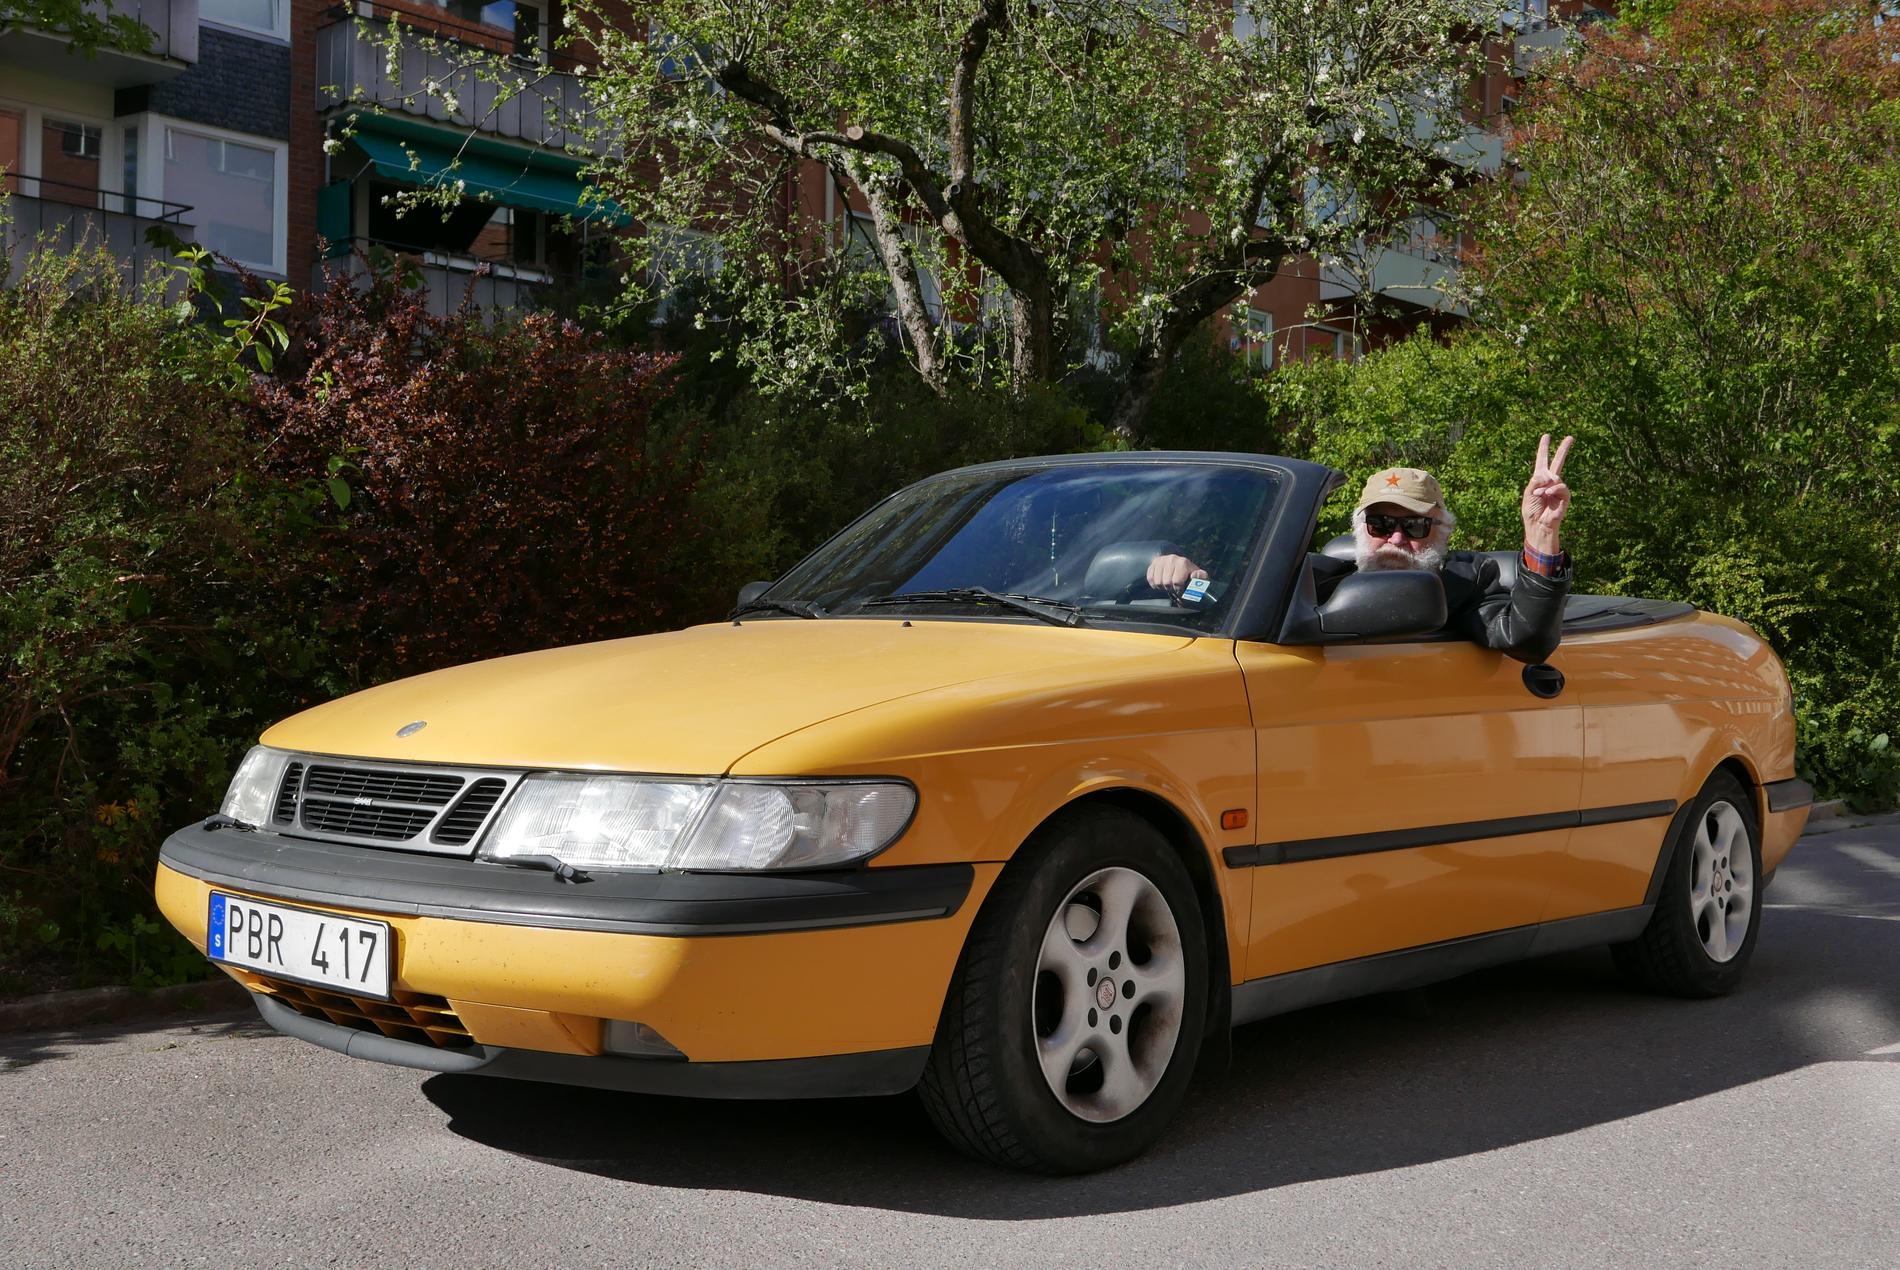 Krönikören i sin gula Saab.